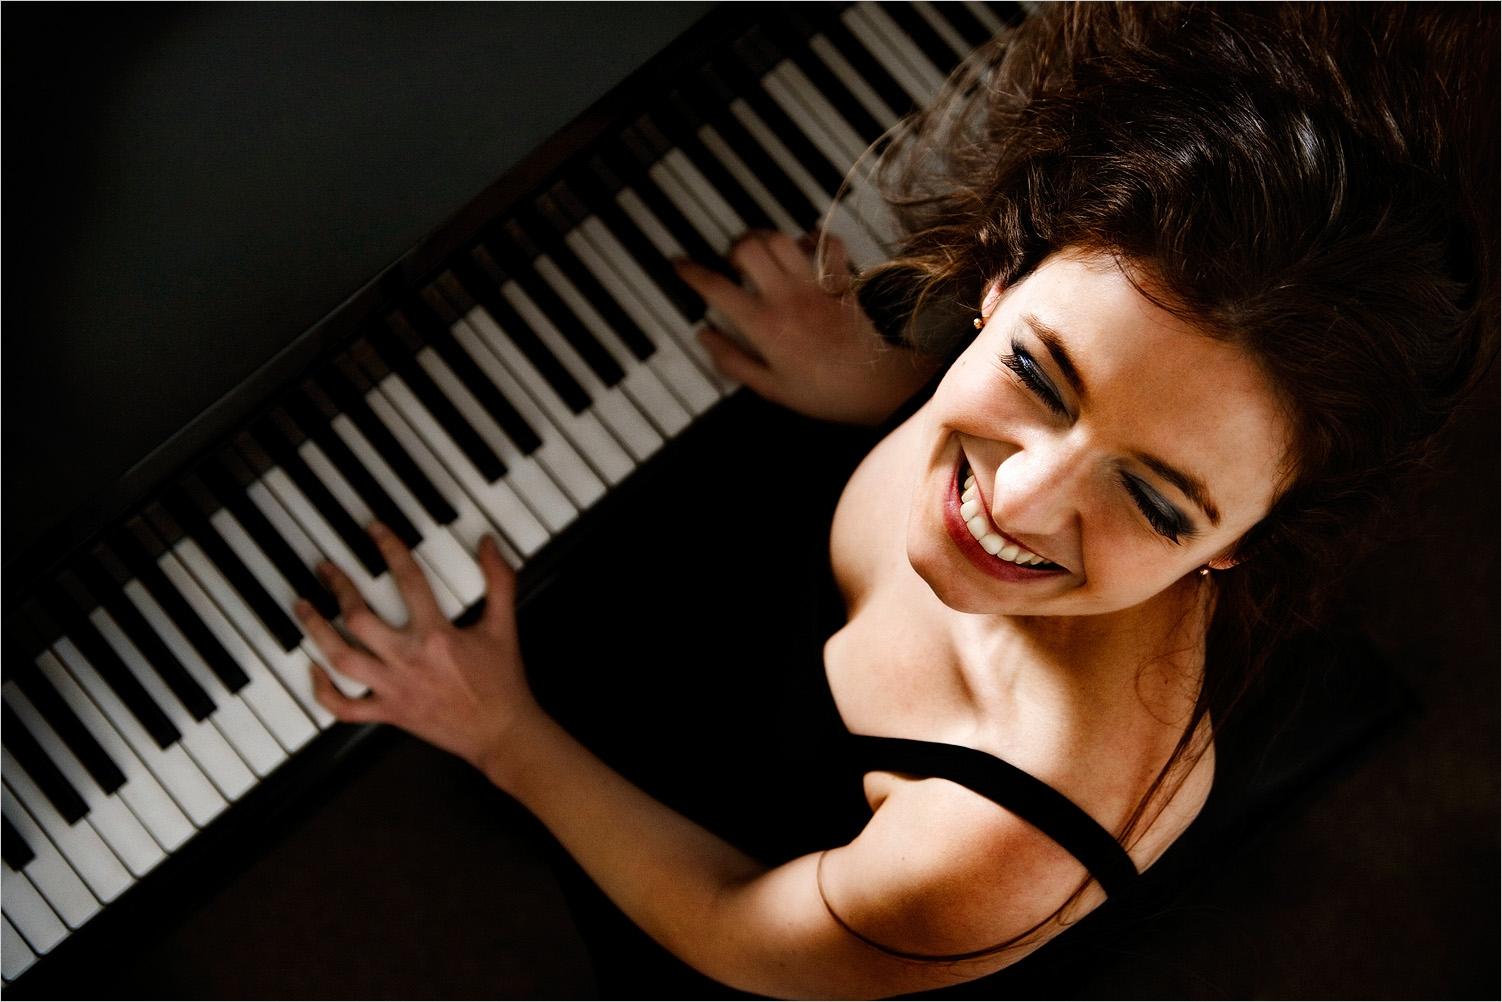 обучение игре на клавишных инструментах